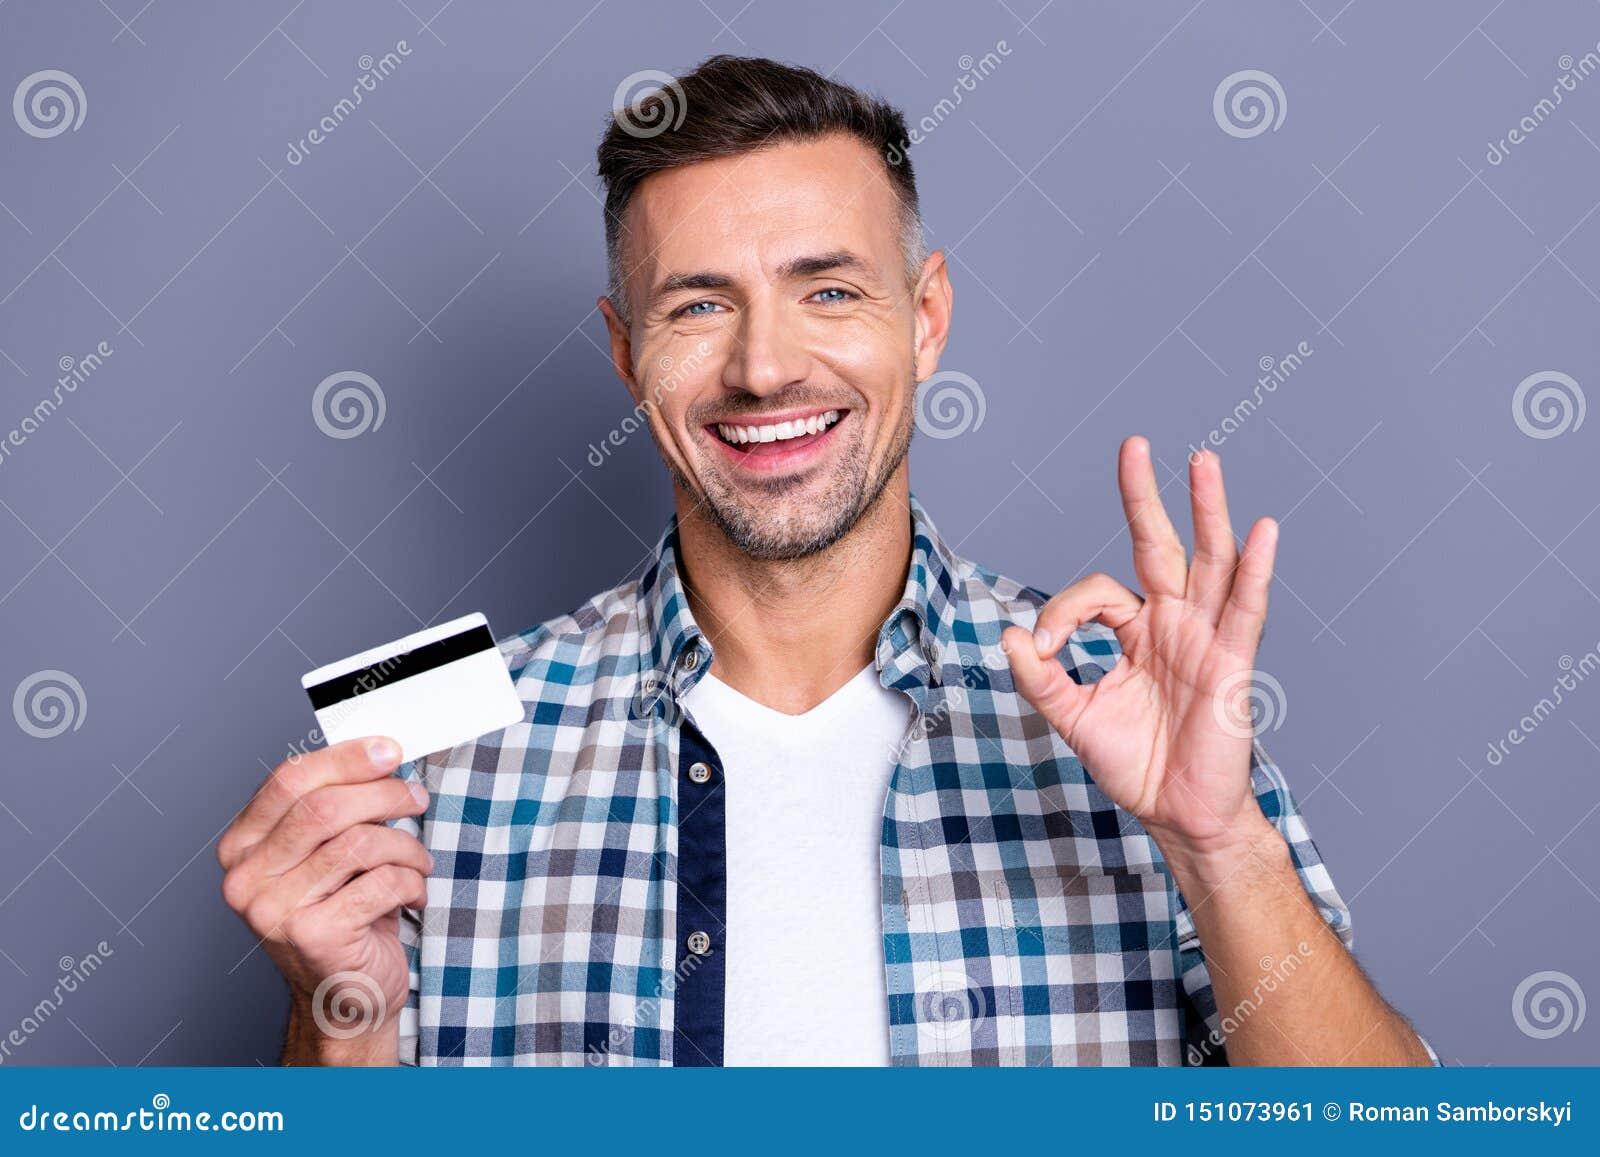 Porträt des netten aufgeregten Kerls lassen Promo ihn annoncieren seins, Wahl zu beschließen, Entscheidung zu entscheiden sich zu